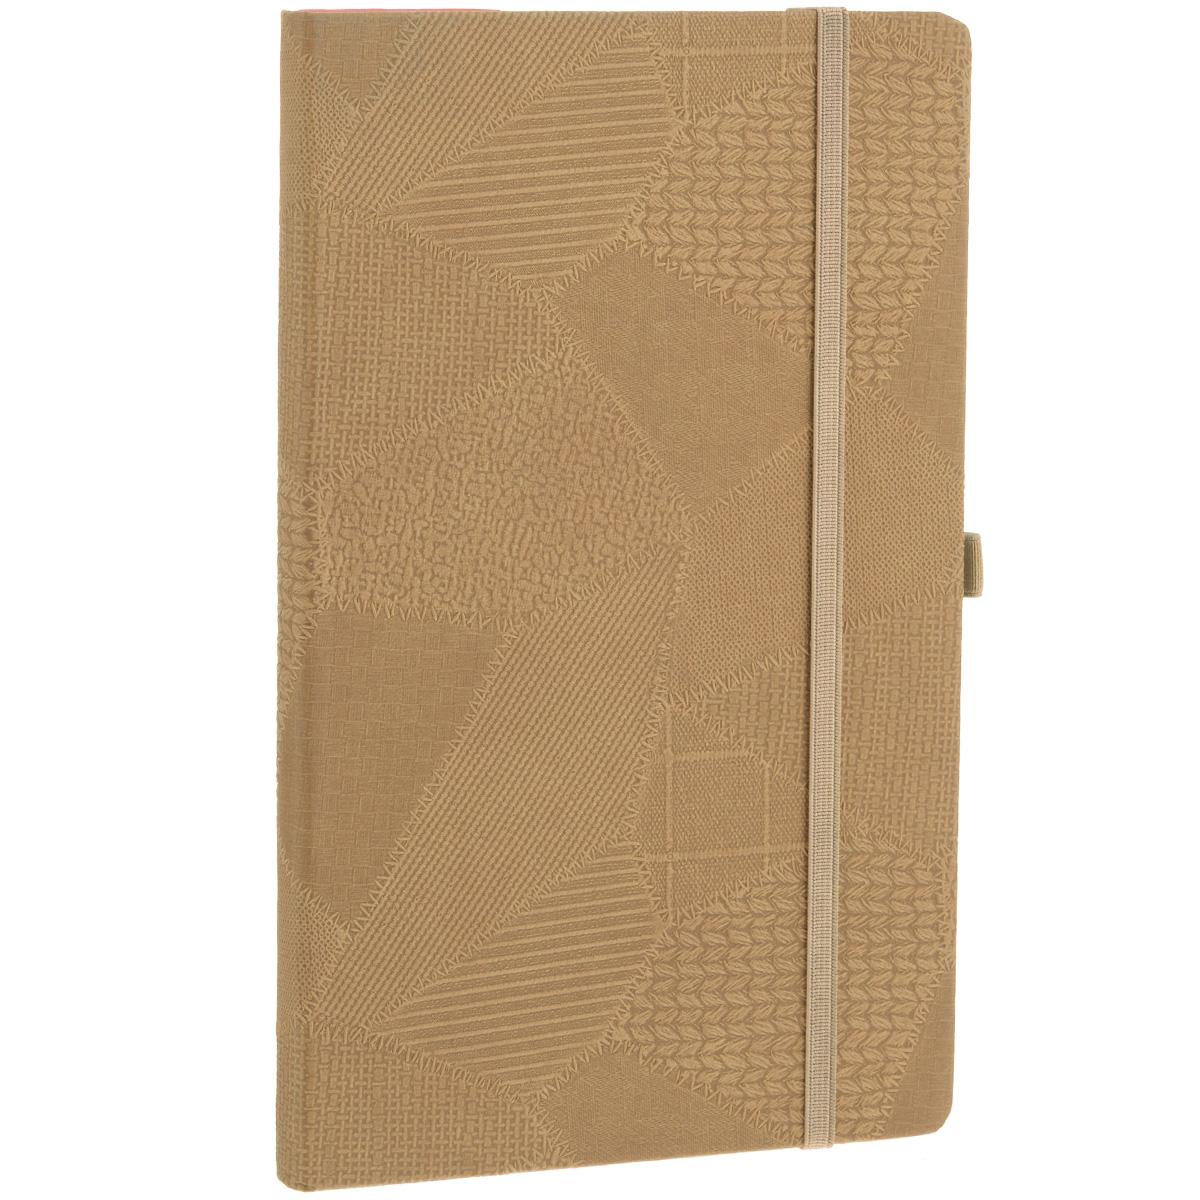 Записная книжка Erich Krause Bazar, цвет: коричневый, 96 листов36767Записная книжка Erich Krause Bazar - это дополнительный штрих к вашему имиджу. Демократичная в своем содержании, книжка может быть использована не только для личных пометок и записей, но и как недатированный ежедневник. Надежная твердая обложка из плотного картона, обтянутого текстильным материалом с тиснением в виде сшитых лоскутов ткани, сохранит ее в аккуратном состоянии на протяжении всего времени использования. Плотная в линейку бумага белого цвета, закладка-ляссе, практичные скругленные углы, эластичная петелька для ручки и внутренний бумажный карман на задней обложке - все это обеспечит вам истинное удовольствие от письма. В начале книжки имеется страничка для заполнения личных данных владельца, четыре страницы для заполнения адресов, телефонов и интернет-почты и четыре страницы для заполнения сайтов и ссылок. Благодаря небольшому формату книжку легко взять с собой. Записная книжка плотно закрывается при помощи фиксирующей резинки.